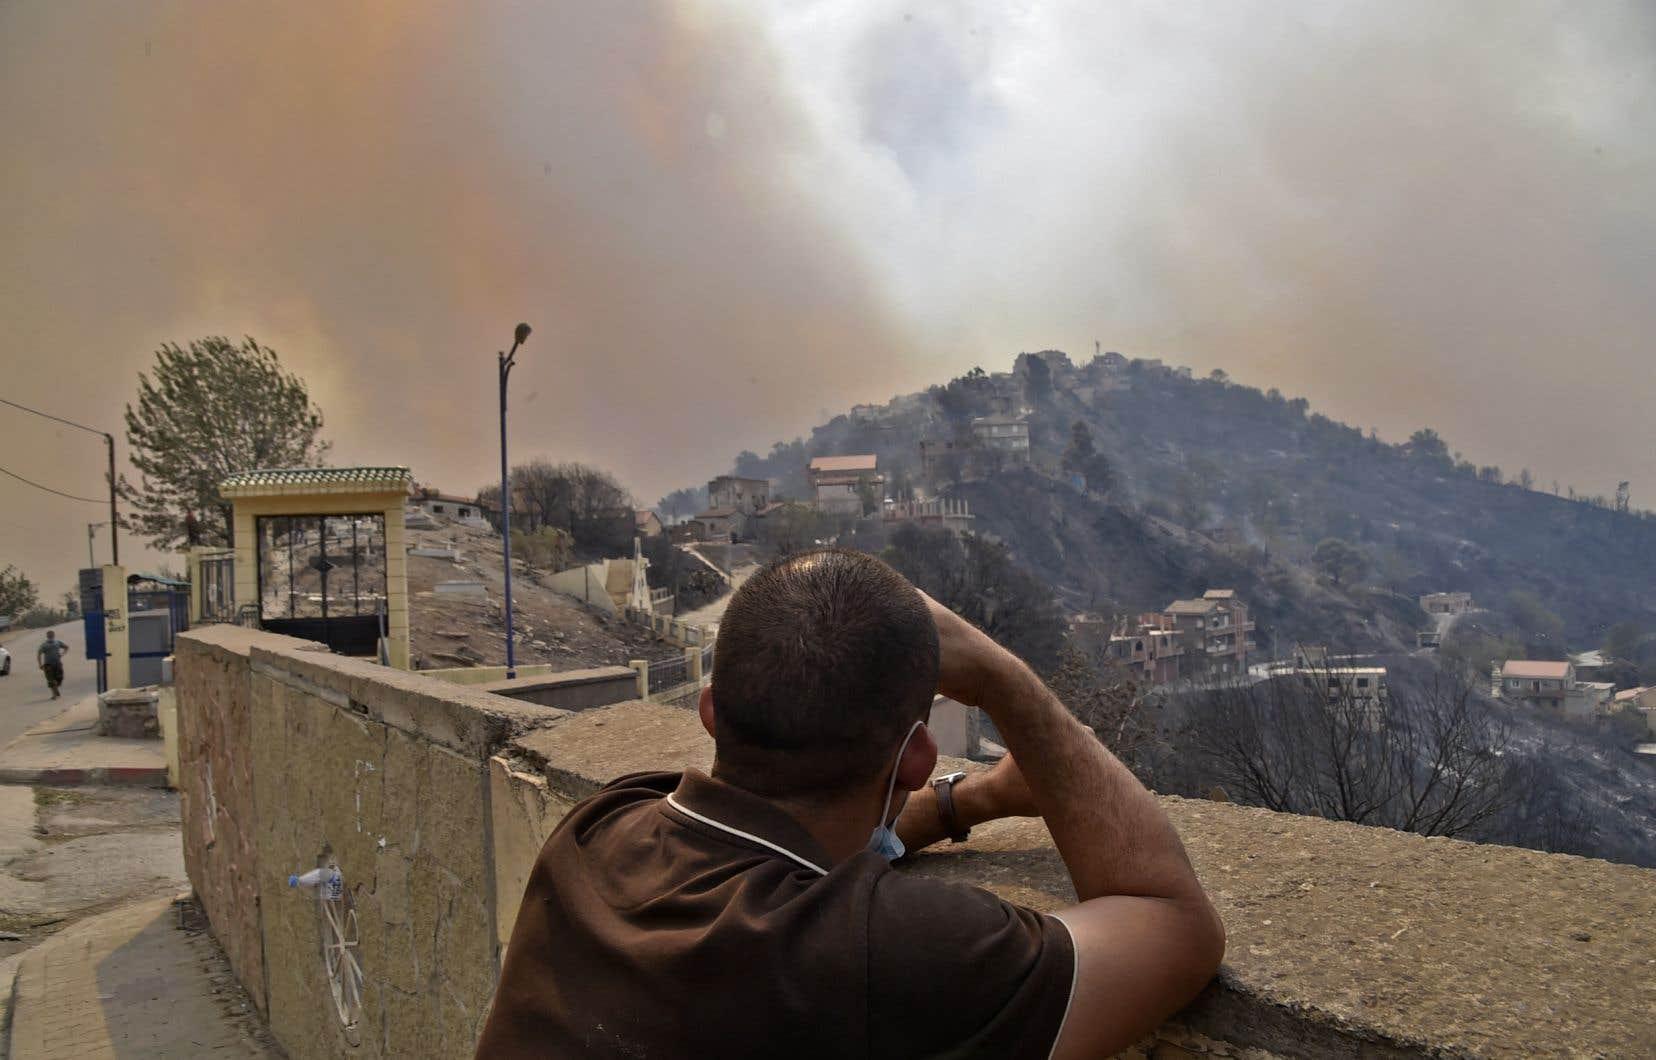 Selon le  porte-parole  de la protection  civile, Nassim Barnaoui,  69 foyers  d'incendie étaient encore actifs mercredi dans 17 districts, notamment dans celui de Tizi  Ouzou, qui a  enregistré  le plus de pertes humaines.